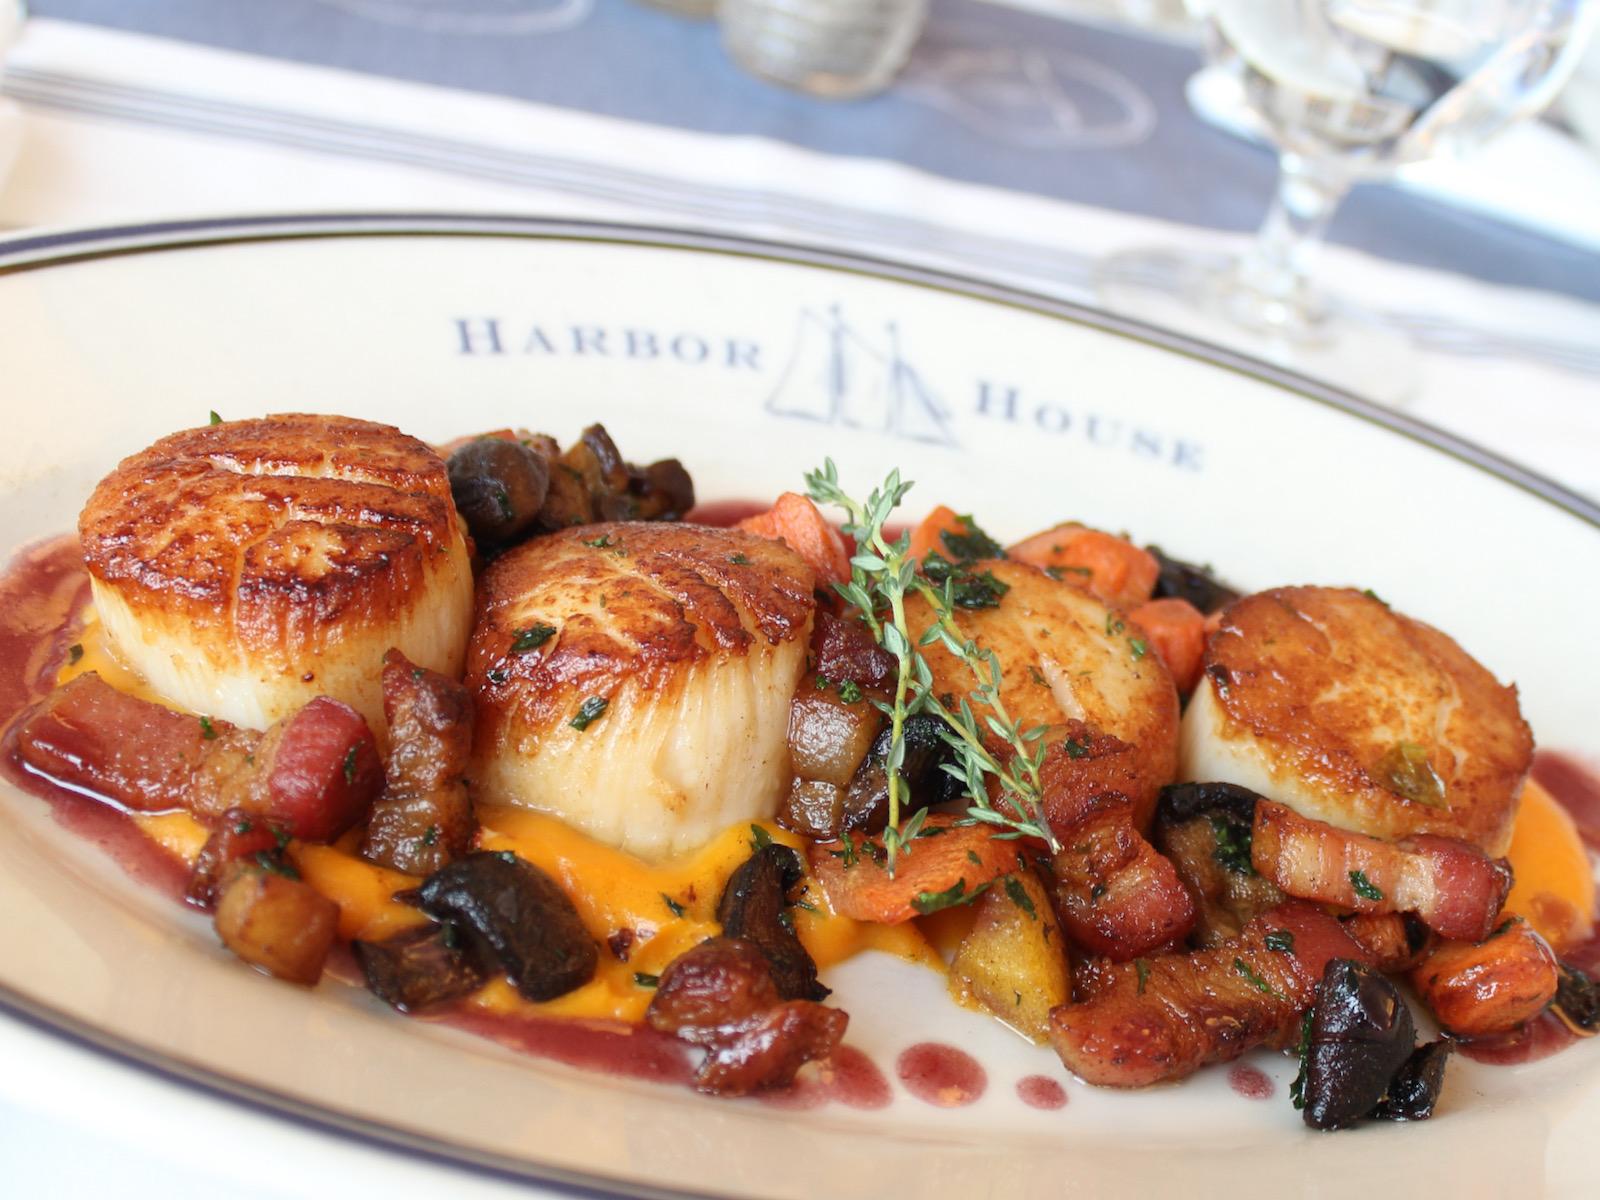 Seasonal scallop dish at Harbor House